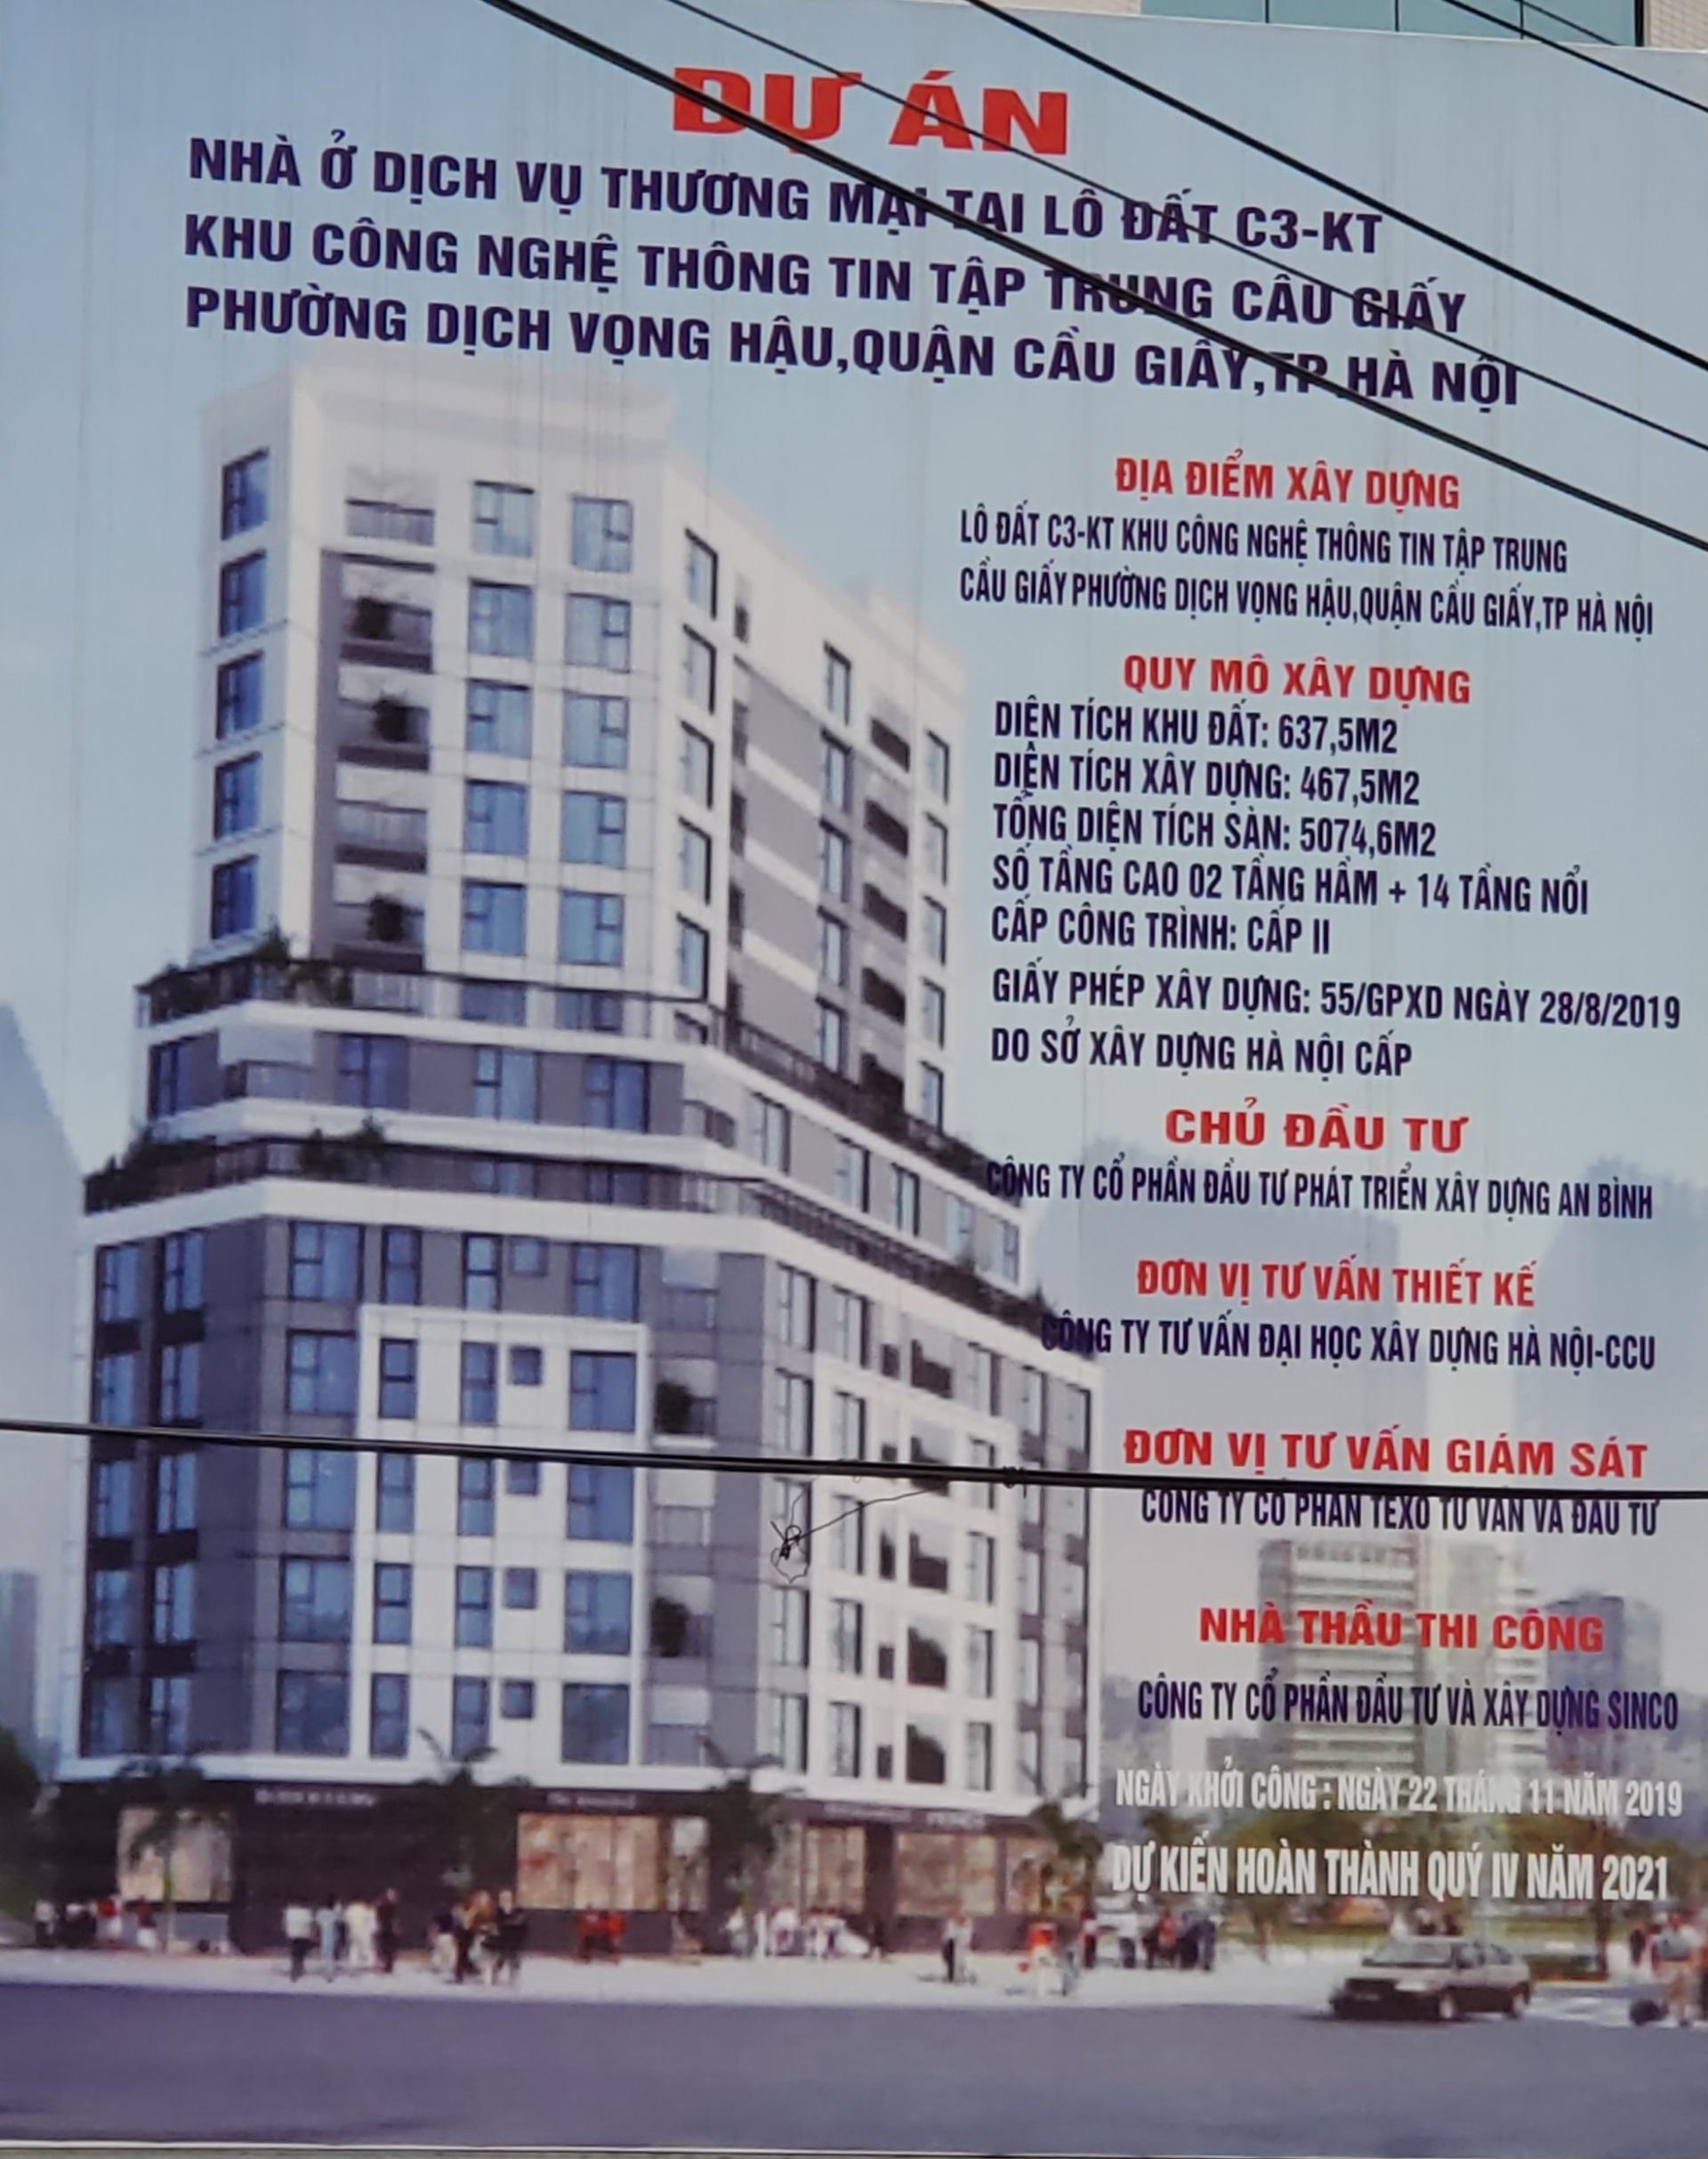 Quận Cầu Giấy (Hà Nội) – Ai tiếp tay cho việc chuyển đổi đất đầu mối hạ tầng kỹ thuật thành chung cư cao tầng?